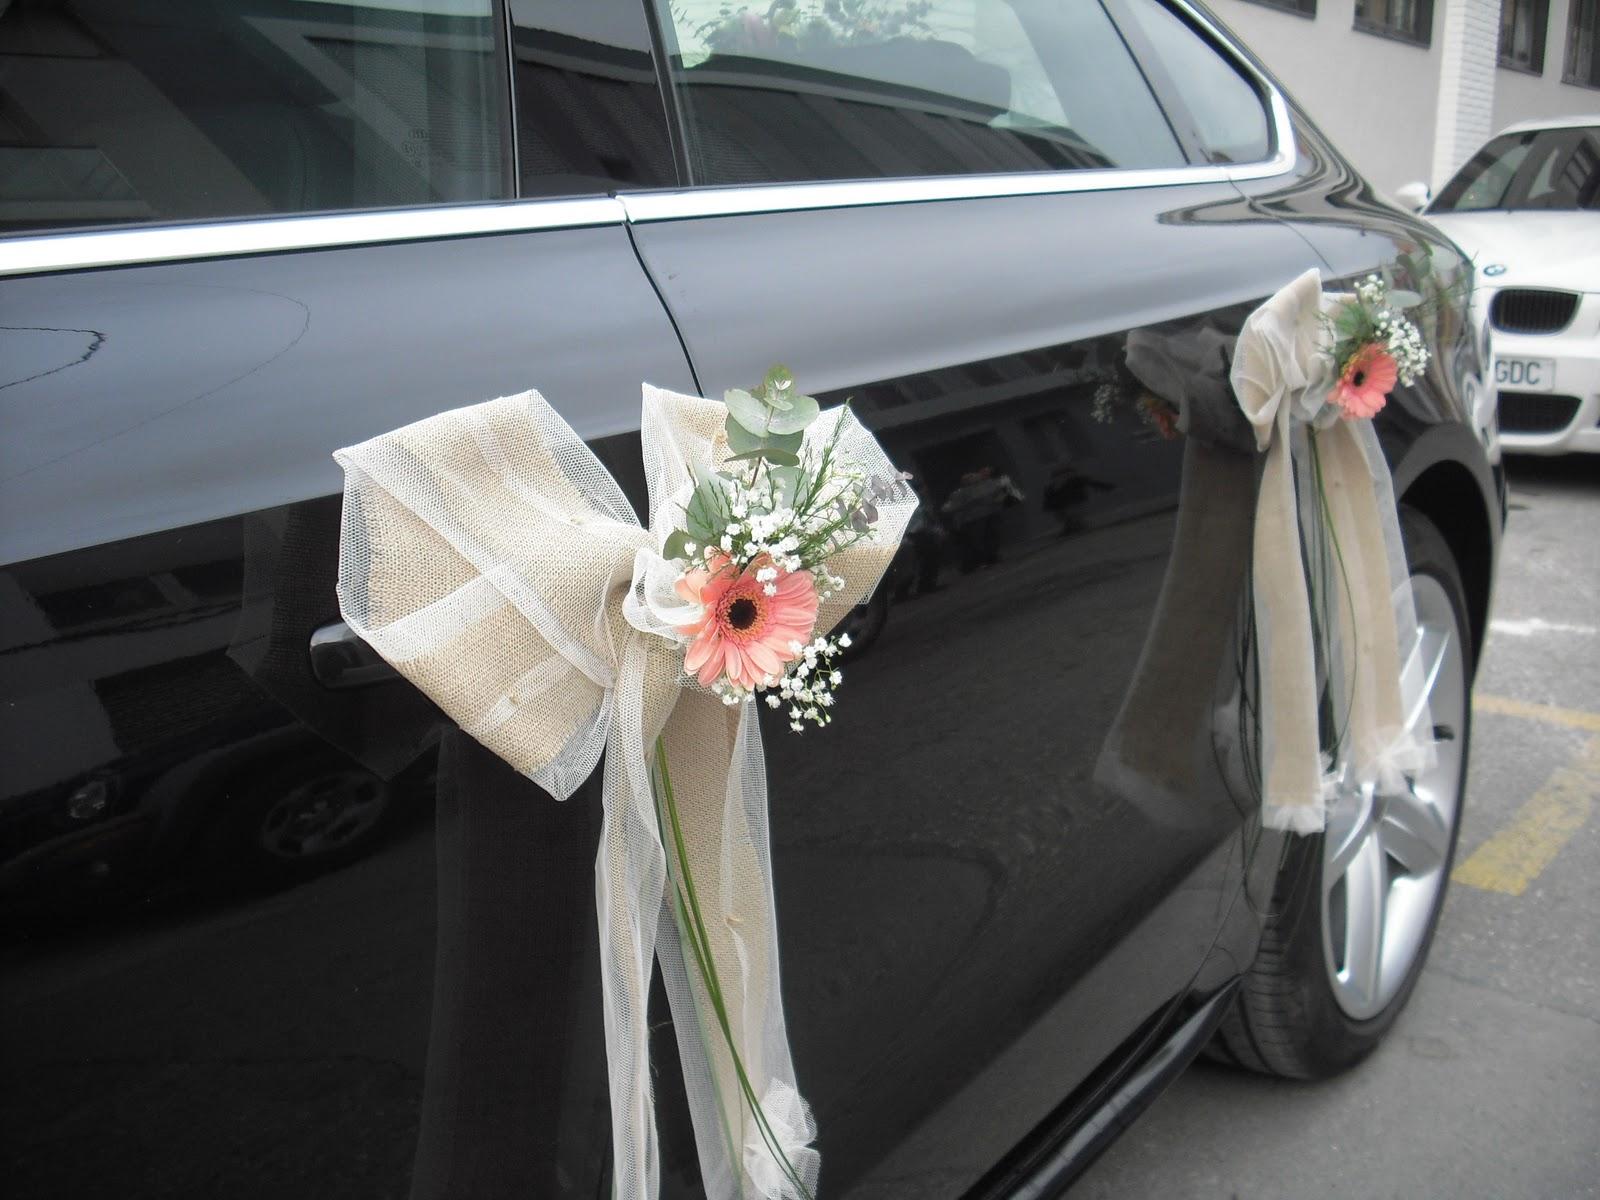 Las flores son bellas coche de novia decorado de estilo r stico - Decoracion coche novia ...